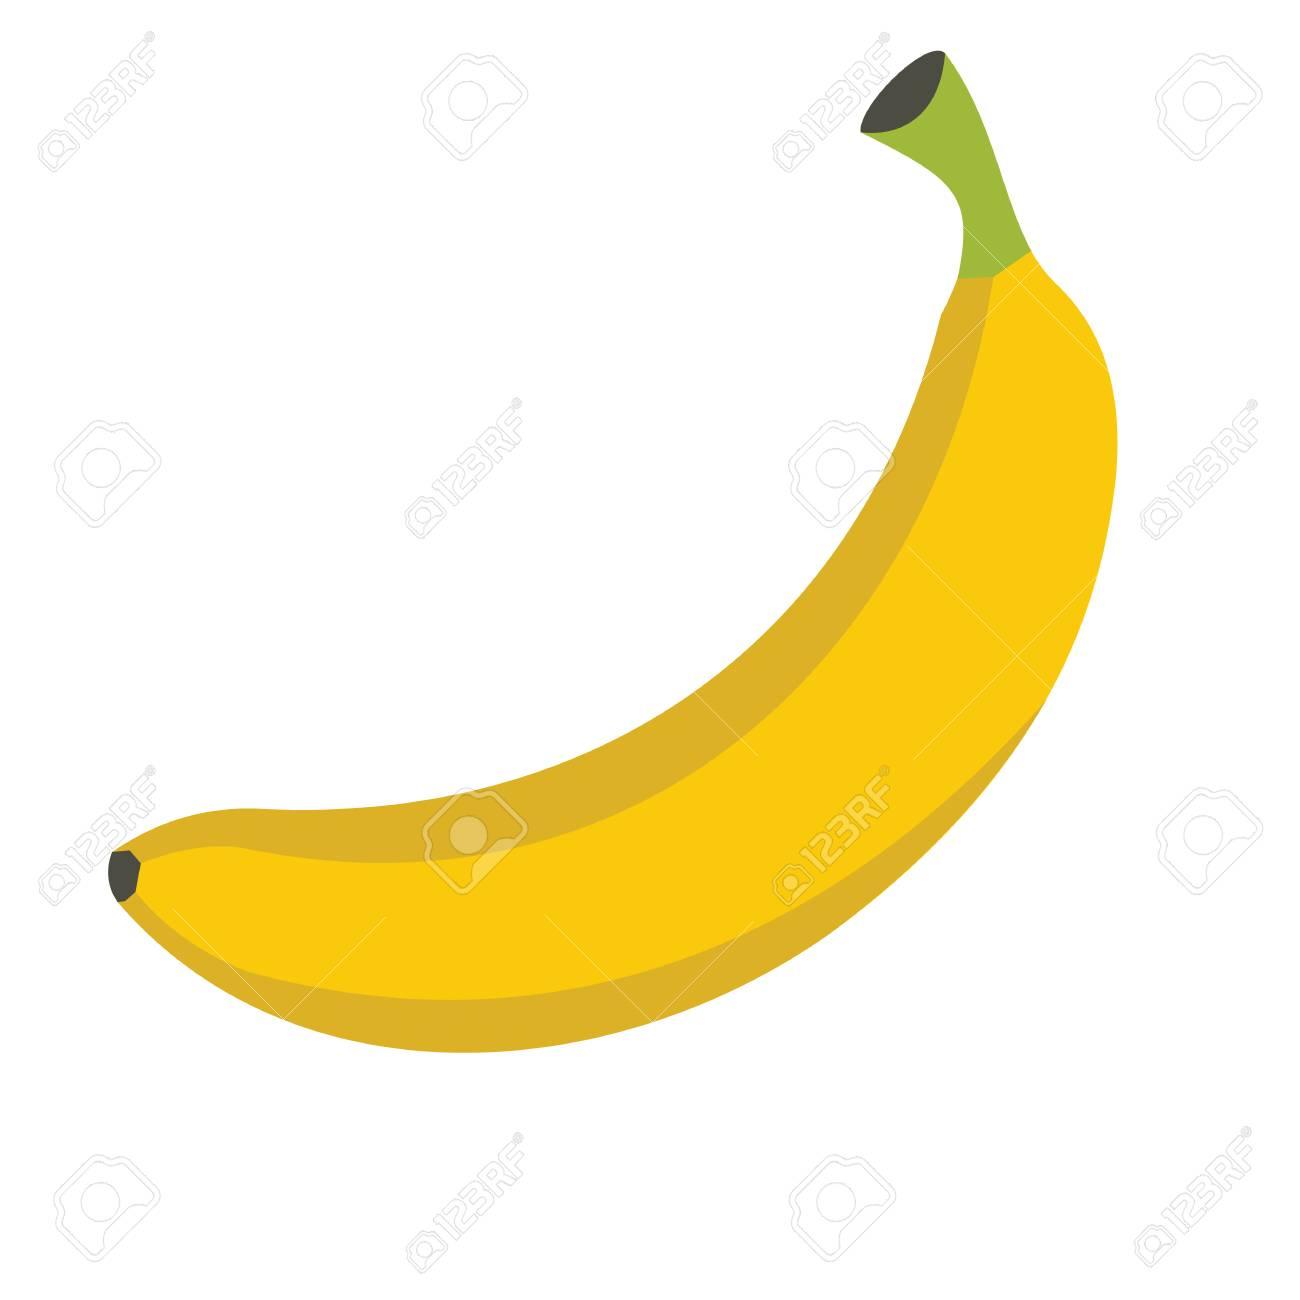 Printable Banana Template